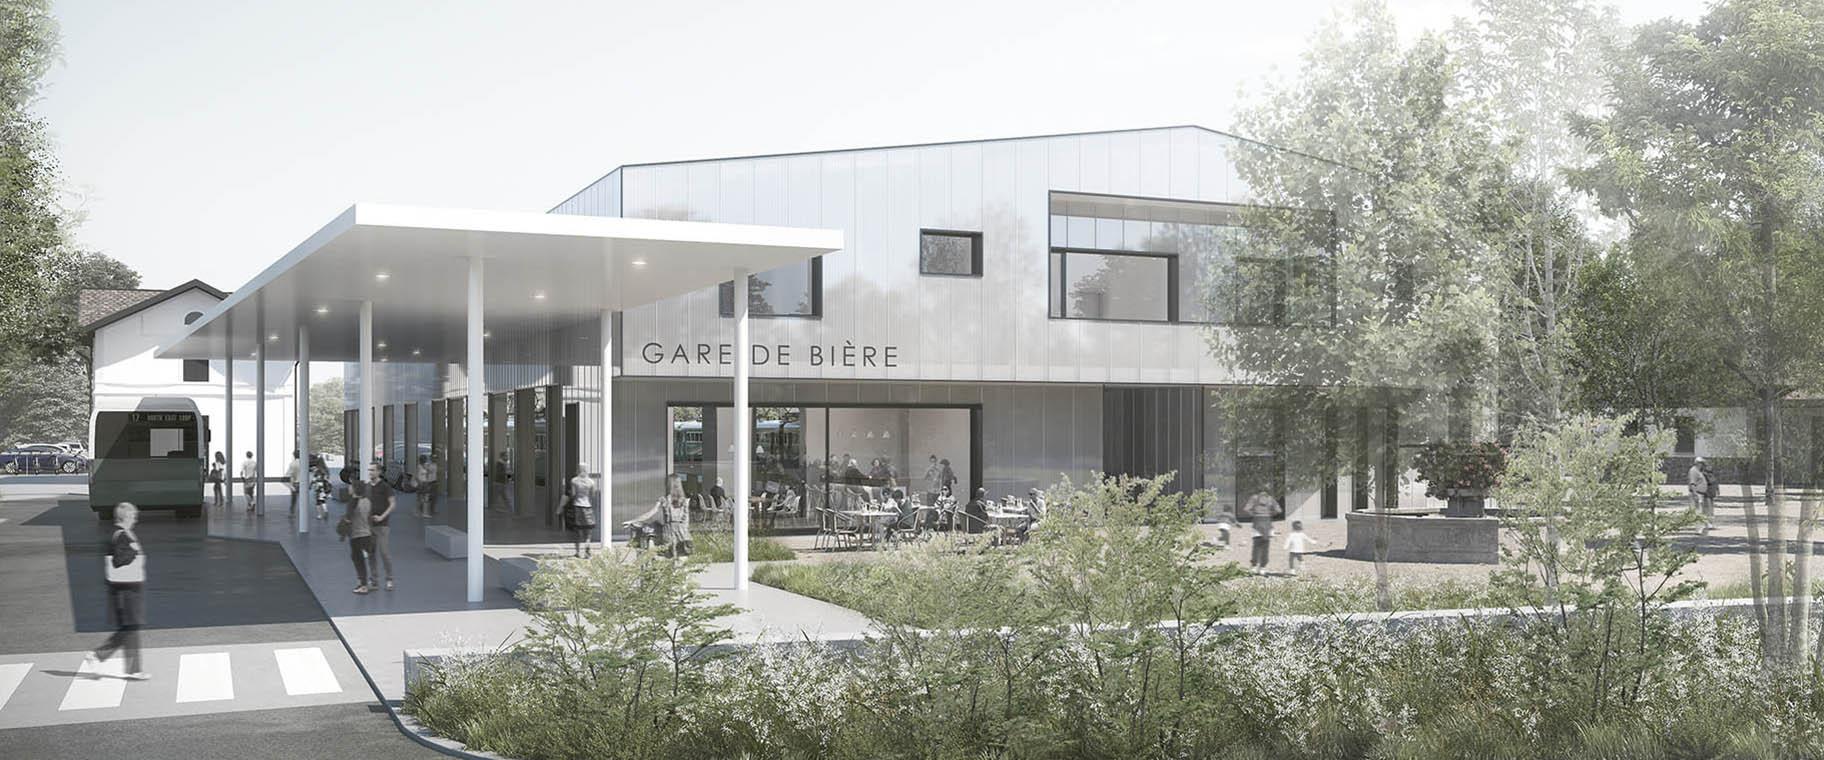 Perspective pour le projet de réaménagement de la gare de Bière, par le bureau Starta architectes et VIMADE Architectes paysagistes à Genève.